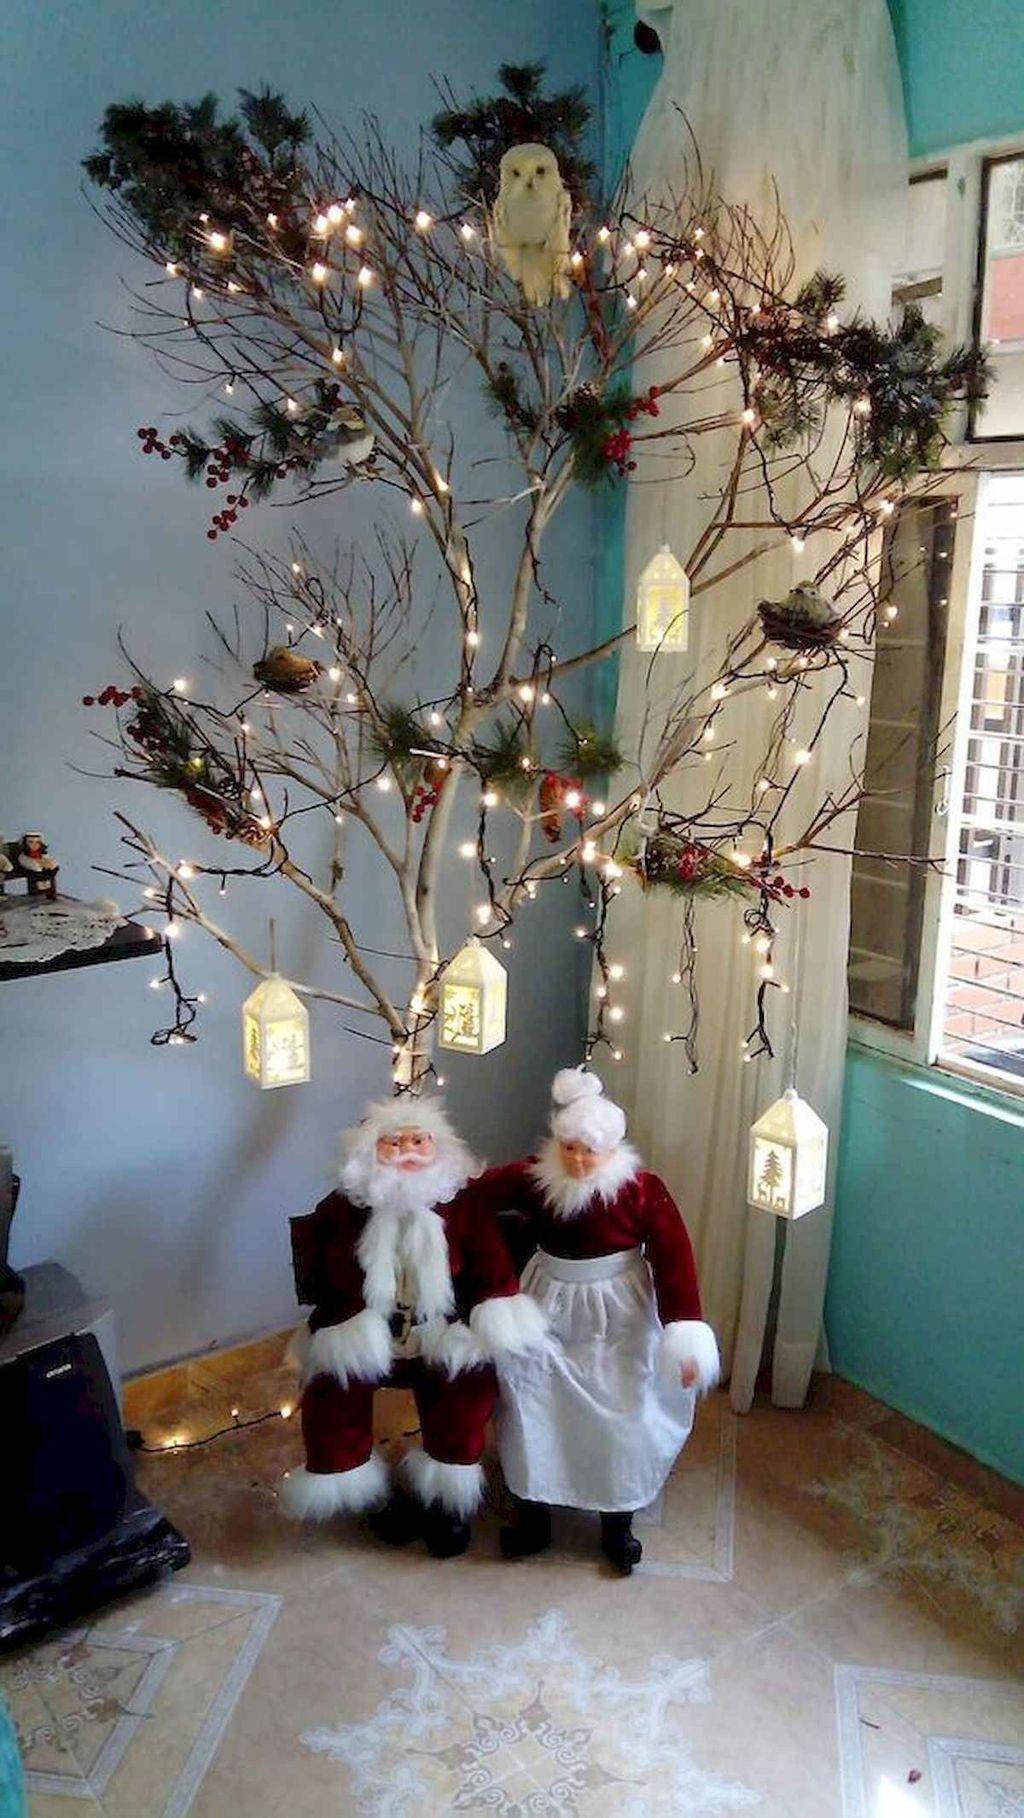 46 Stunning Indoor Christmas Decorations Ideas Affordable Christmas Decorations Indoor Christmas Decorations Beautiful Christmas Decorations